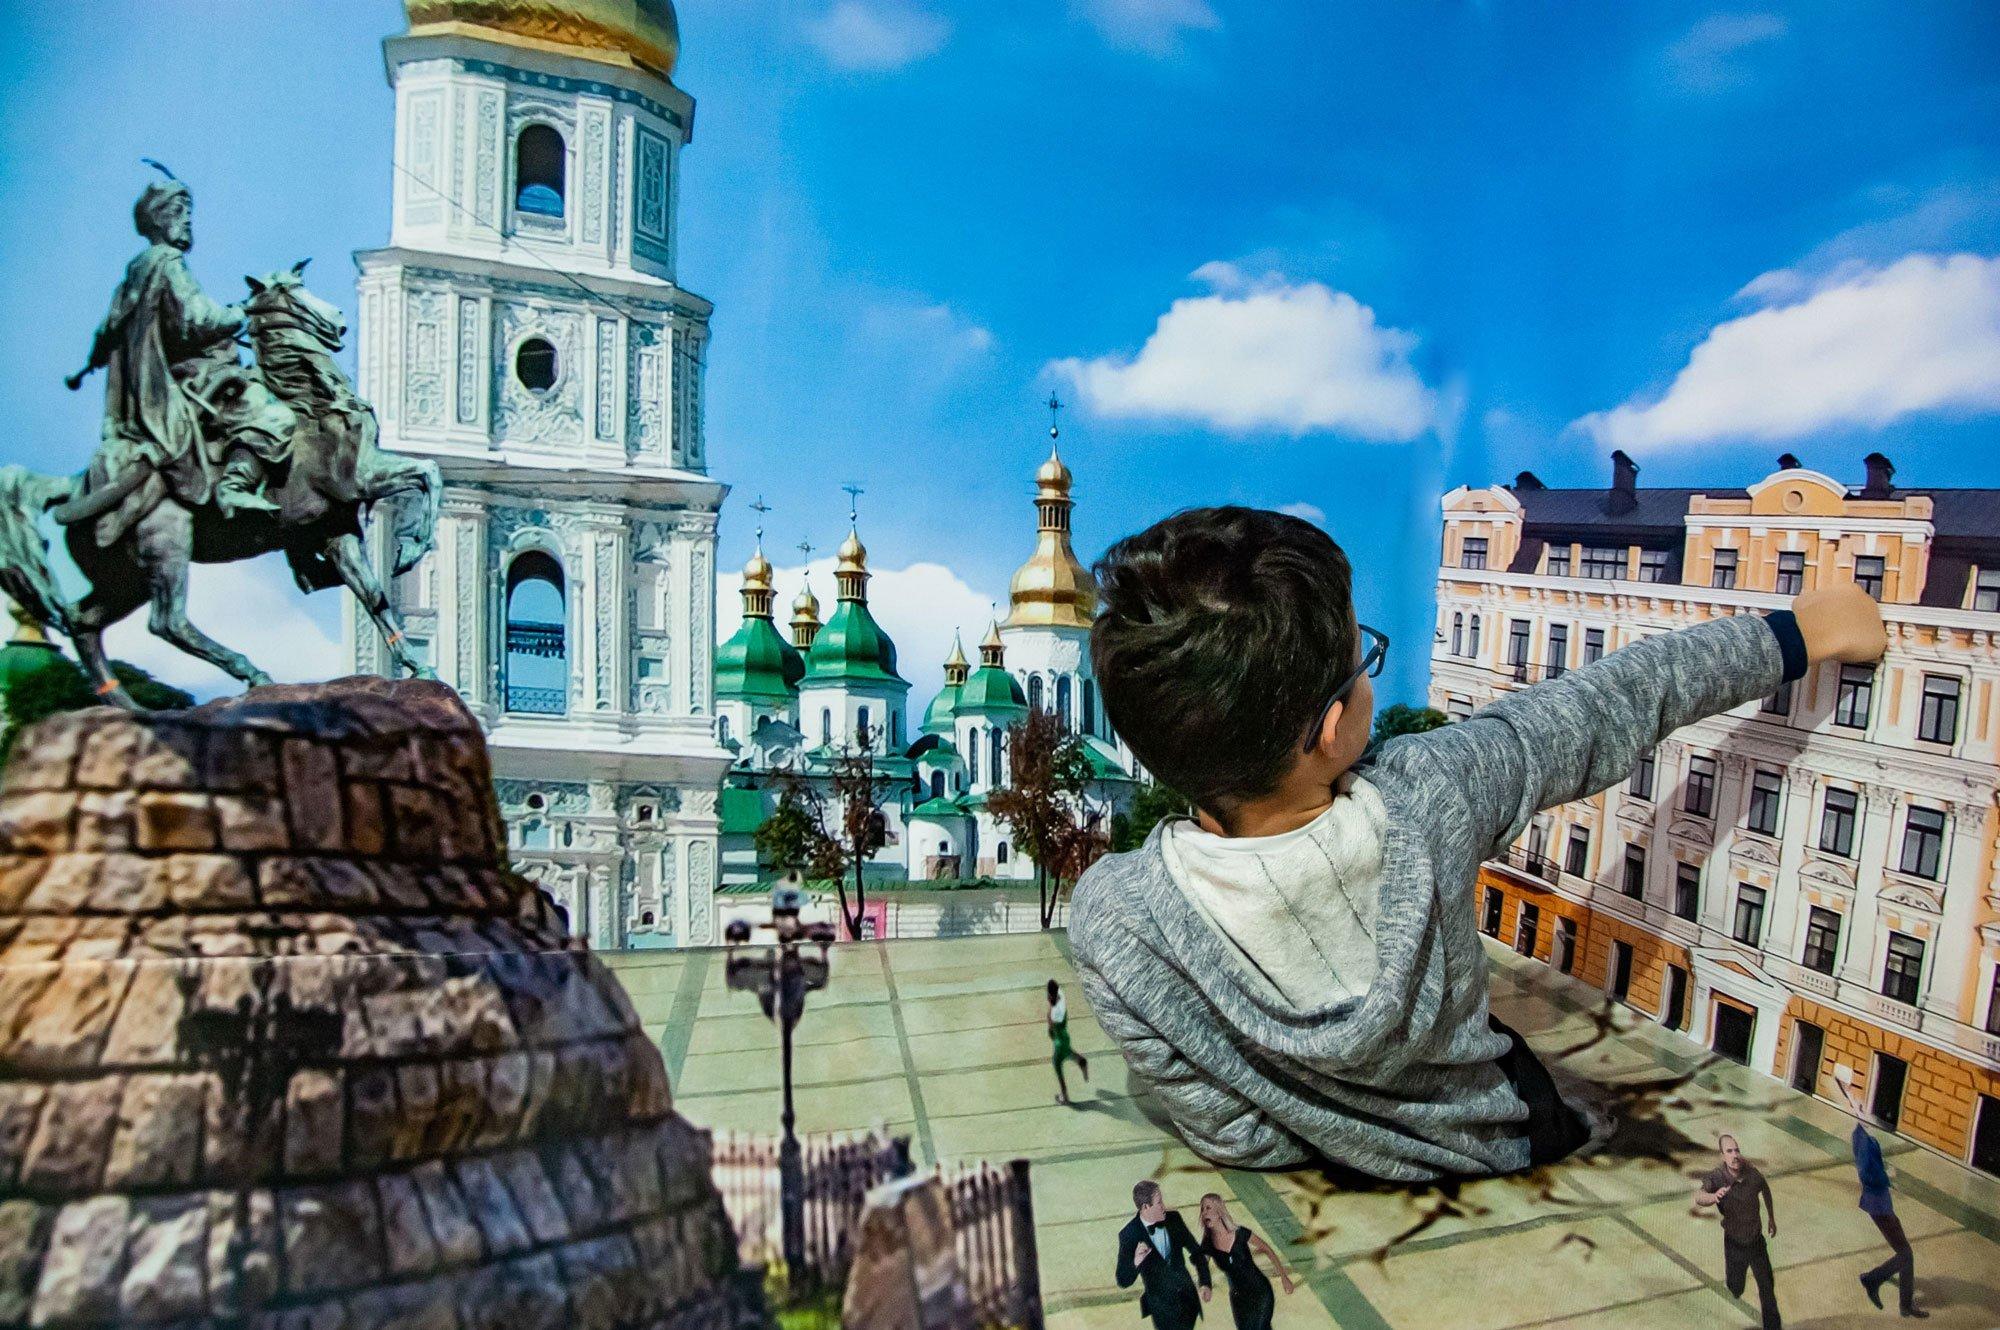 Як вдало відвідати музей фотоілюзій – 5 порад від Kyivmaps